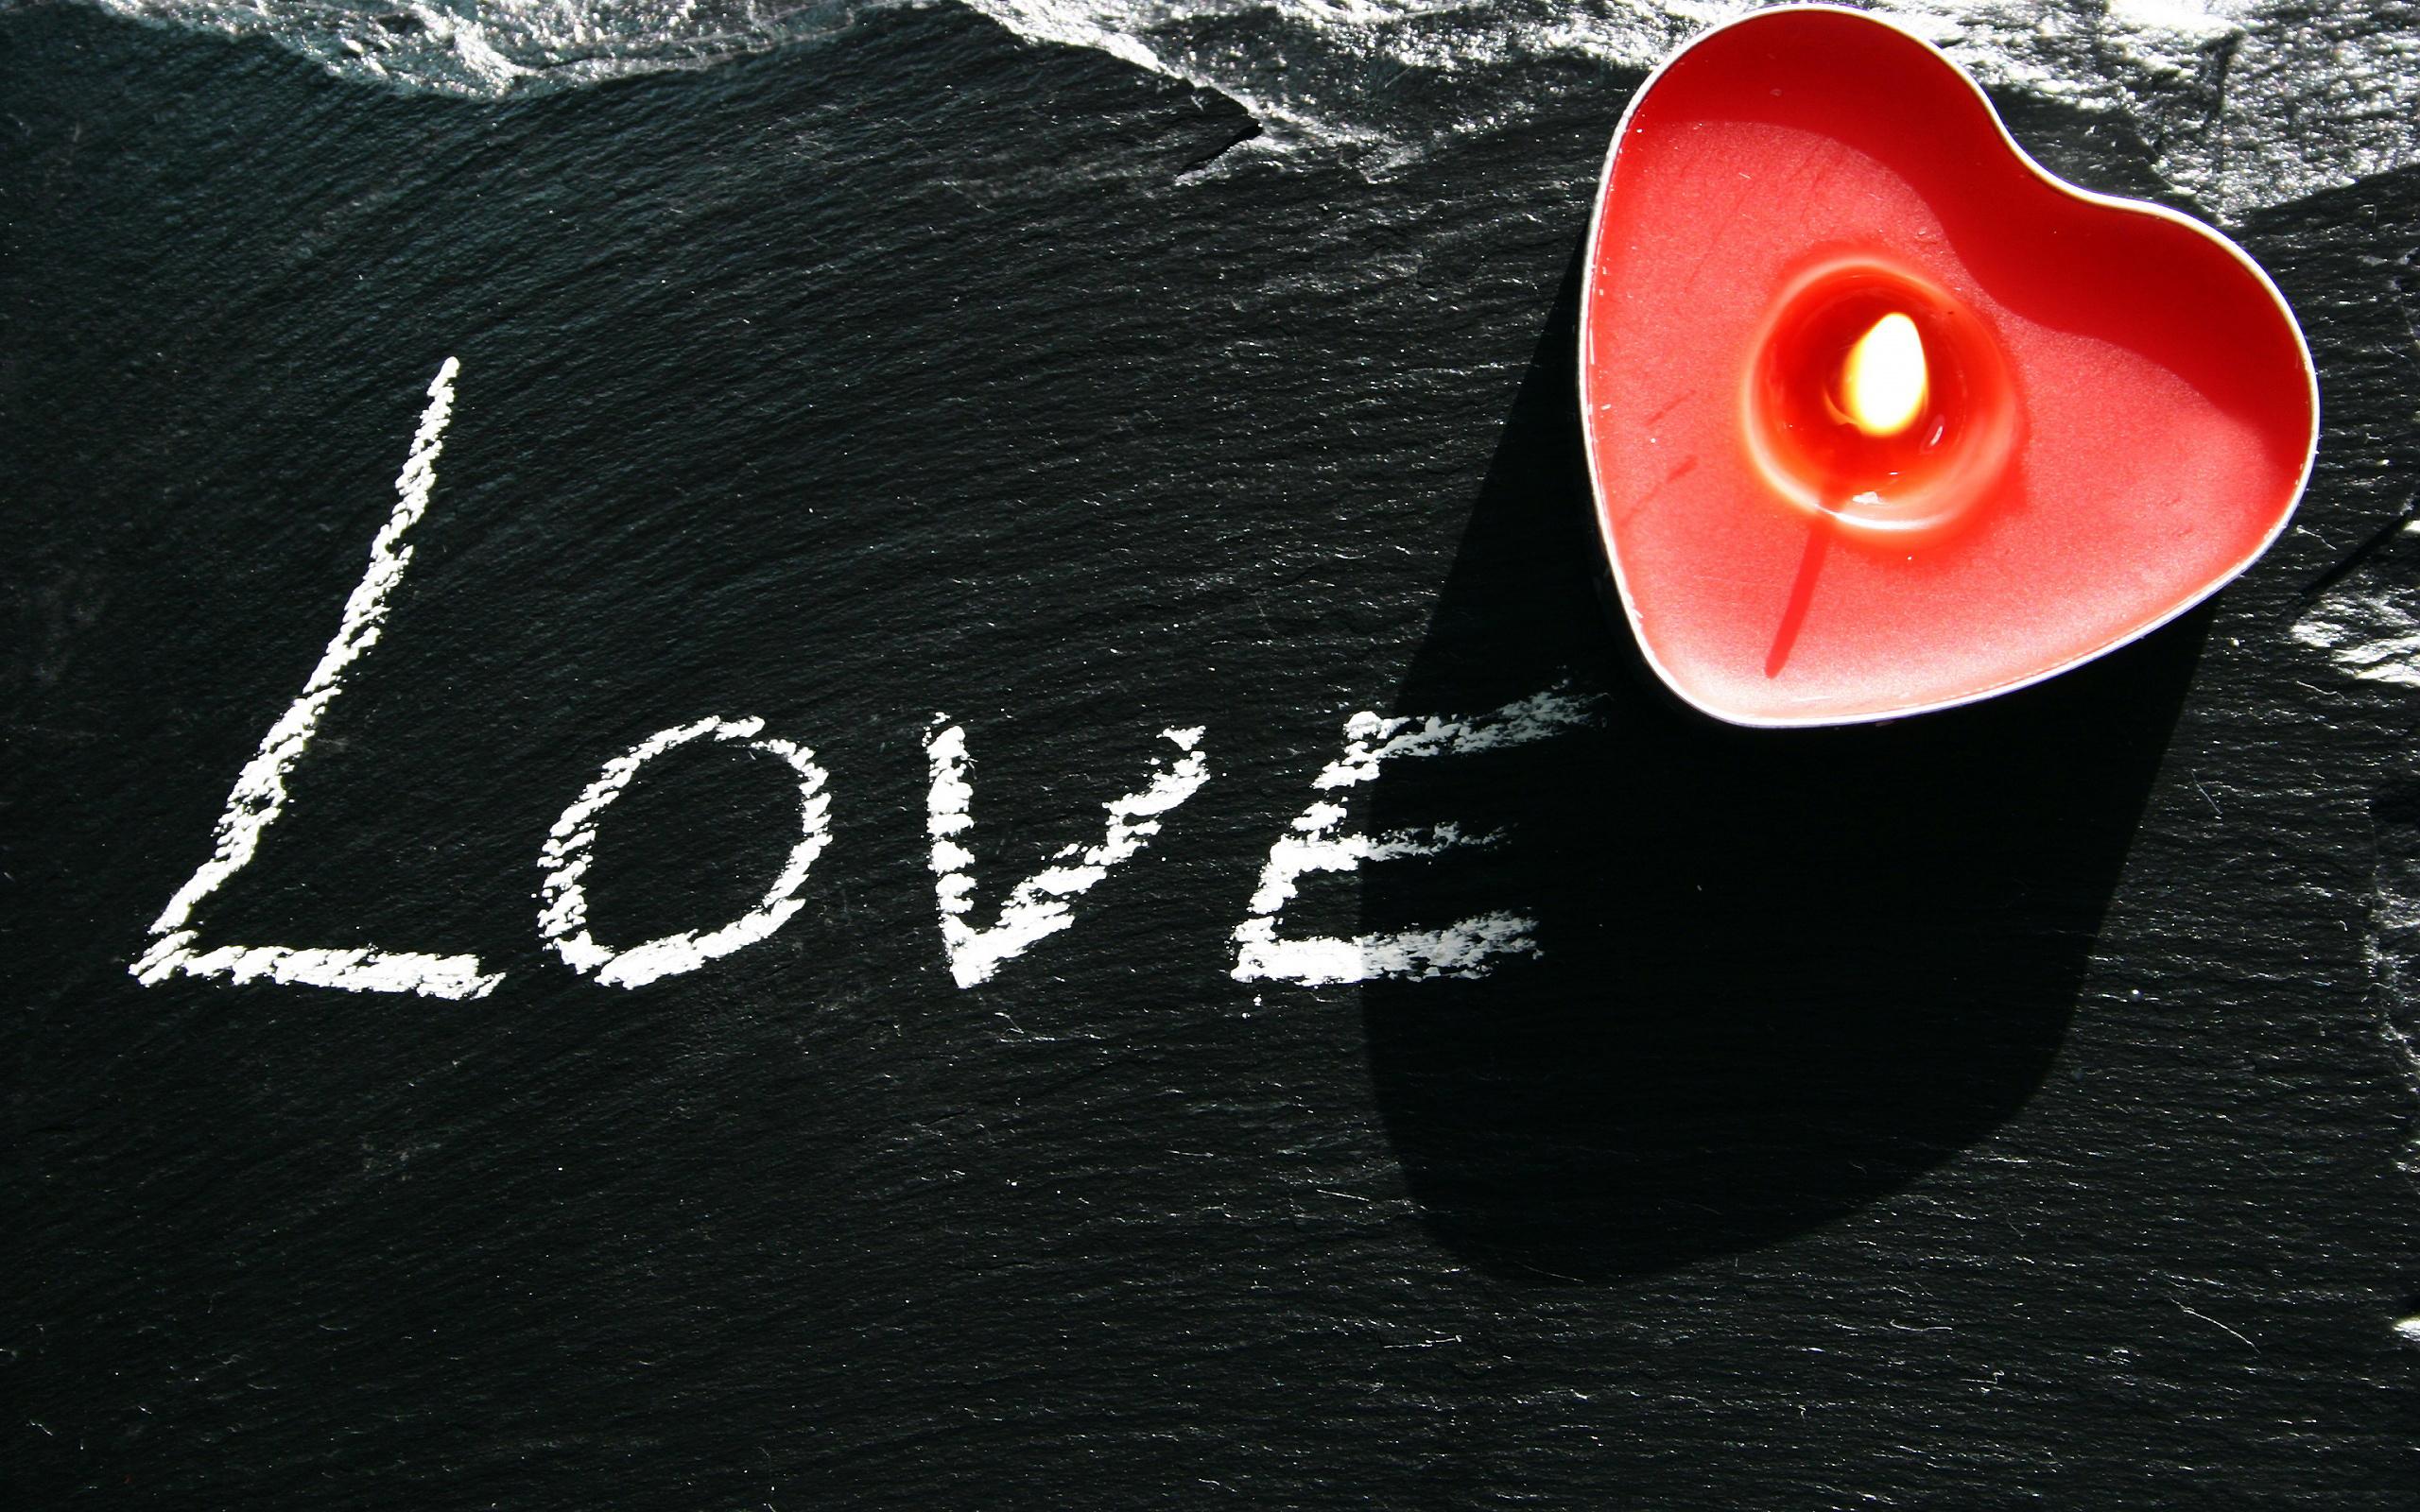 heart wallpaper hd free download